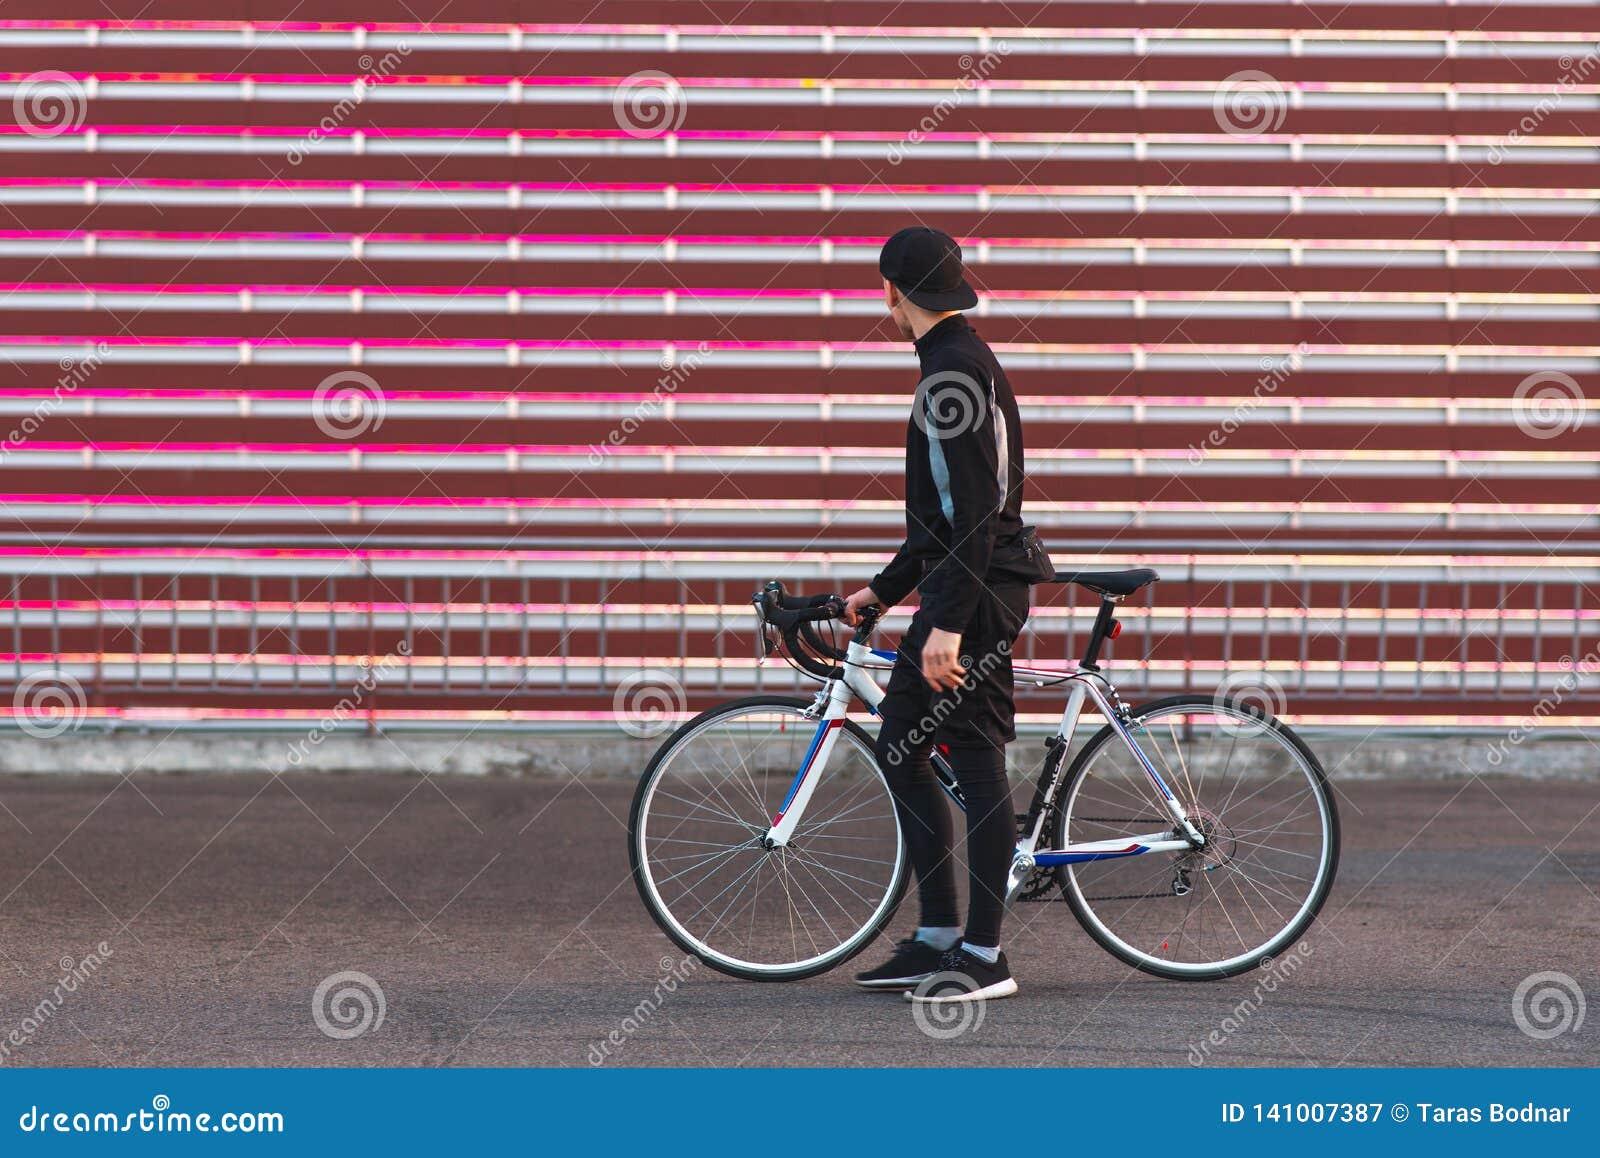 Cyklista w ciemnym sportswear stoi z rowerem na tle czerwony ekran i patrzeje mnie,